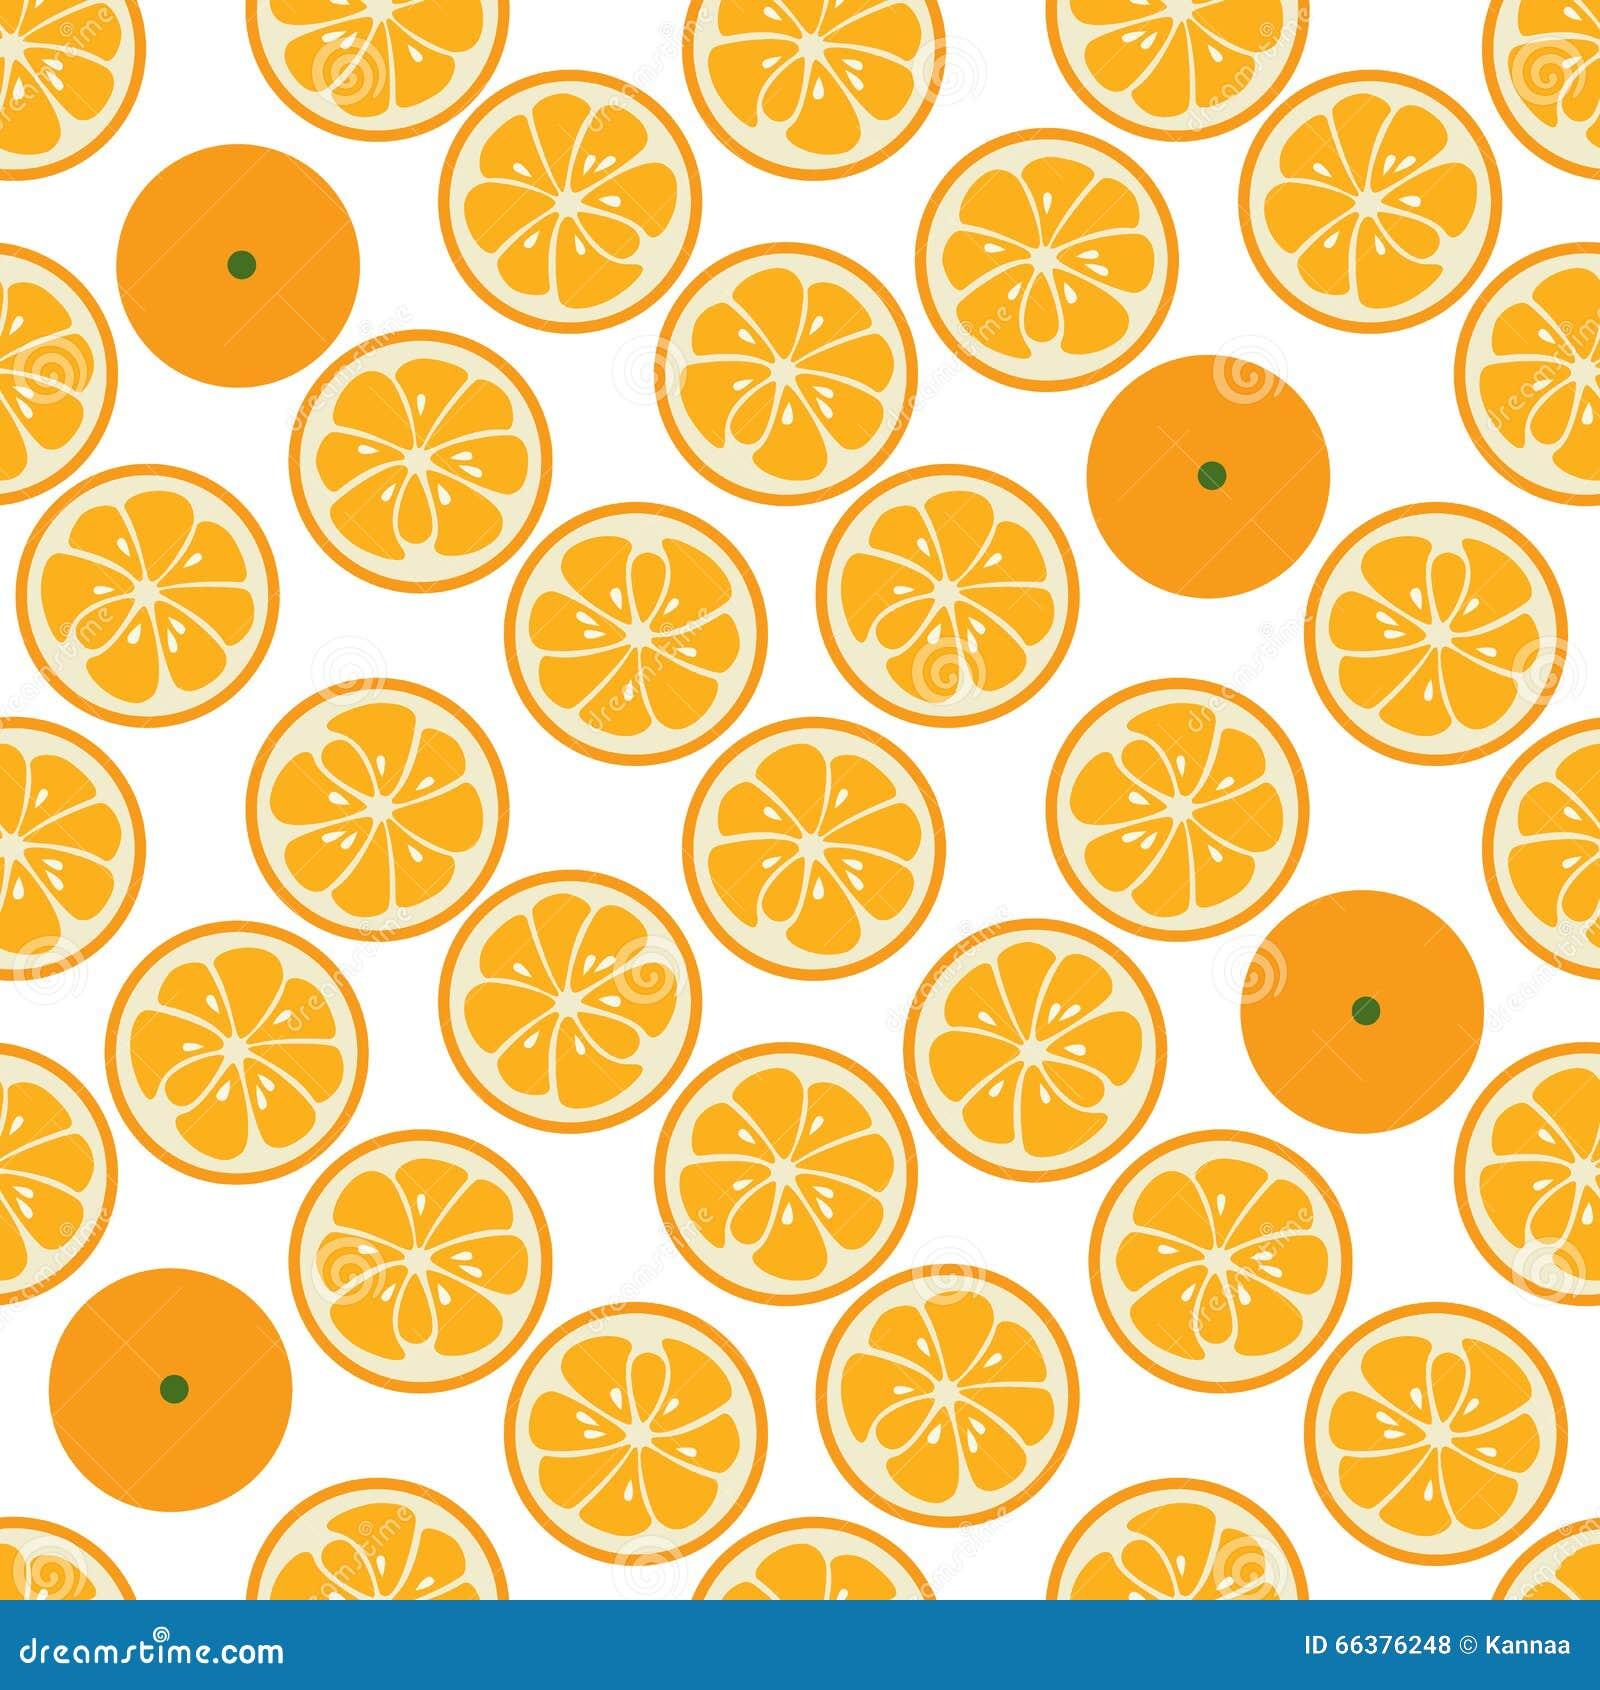 cute fruit backgrounds wwwimgkidcom the image kid